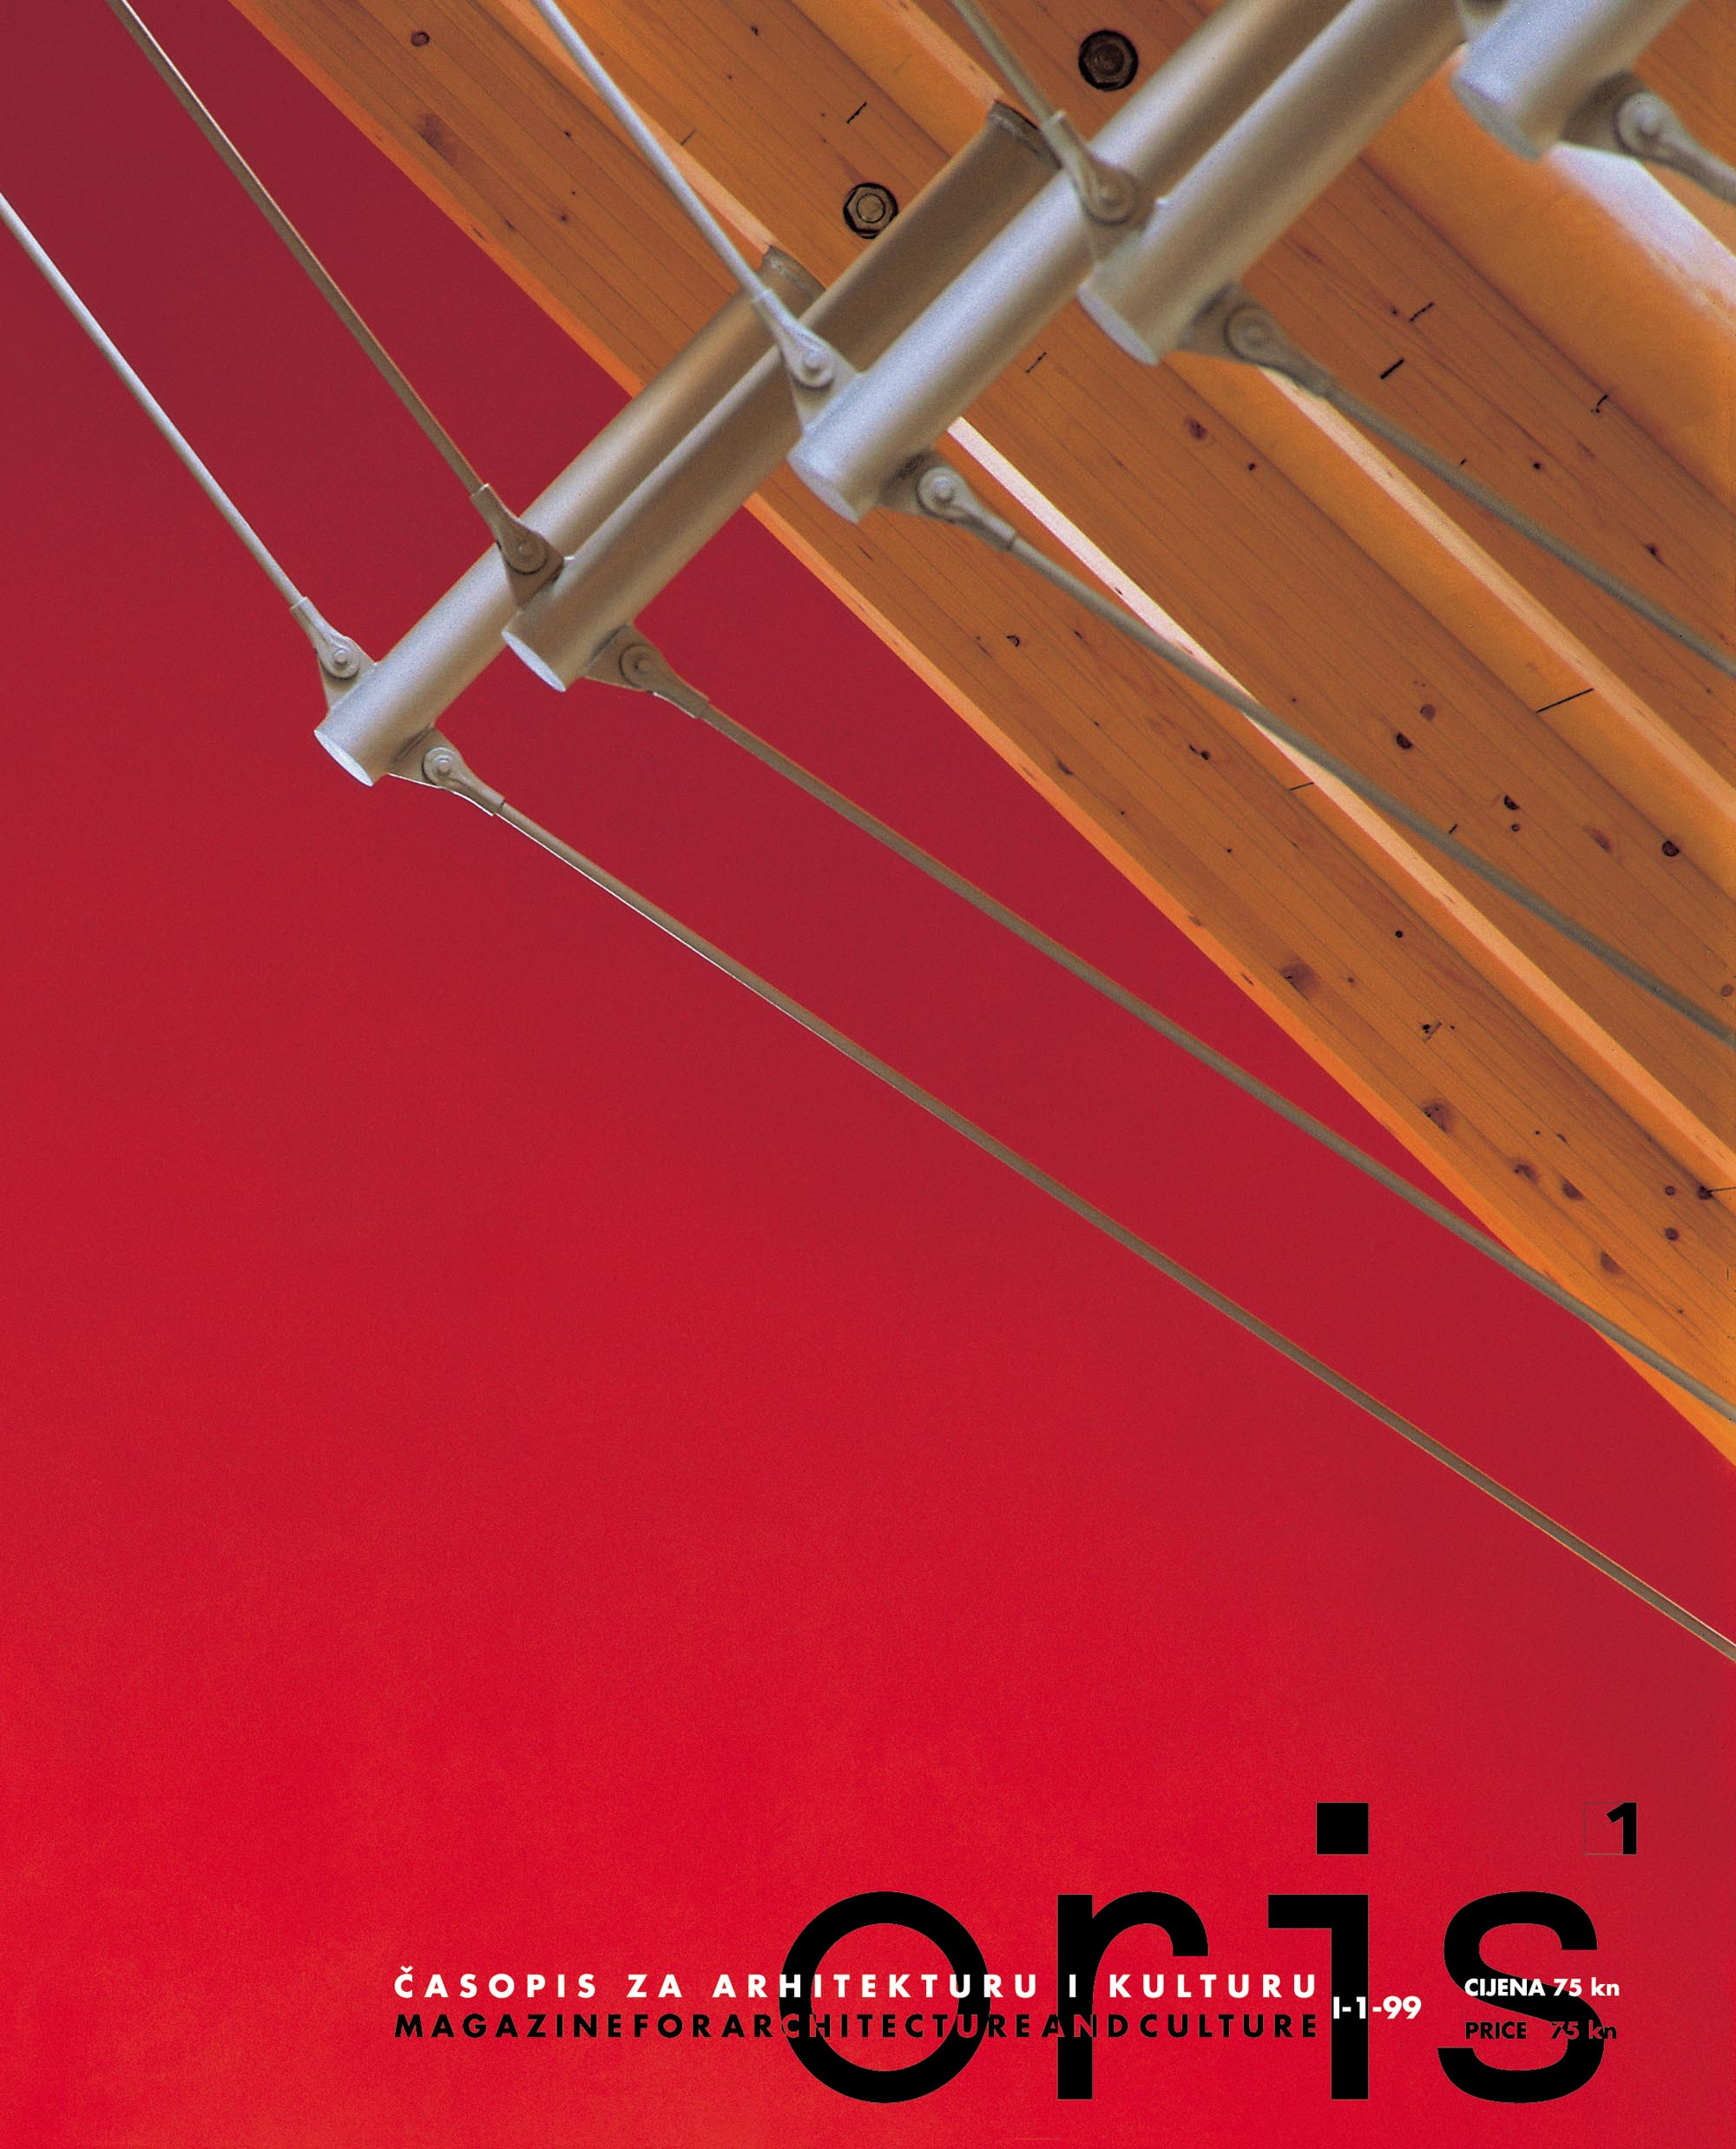 <em>ORIS</em> magazine launched